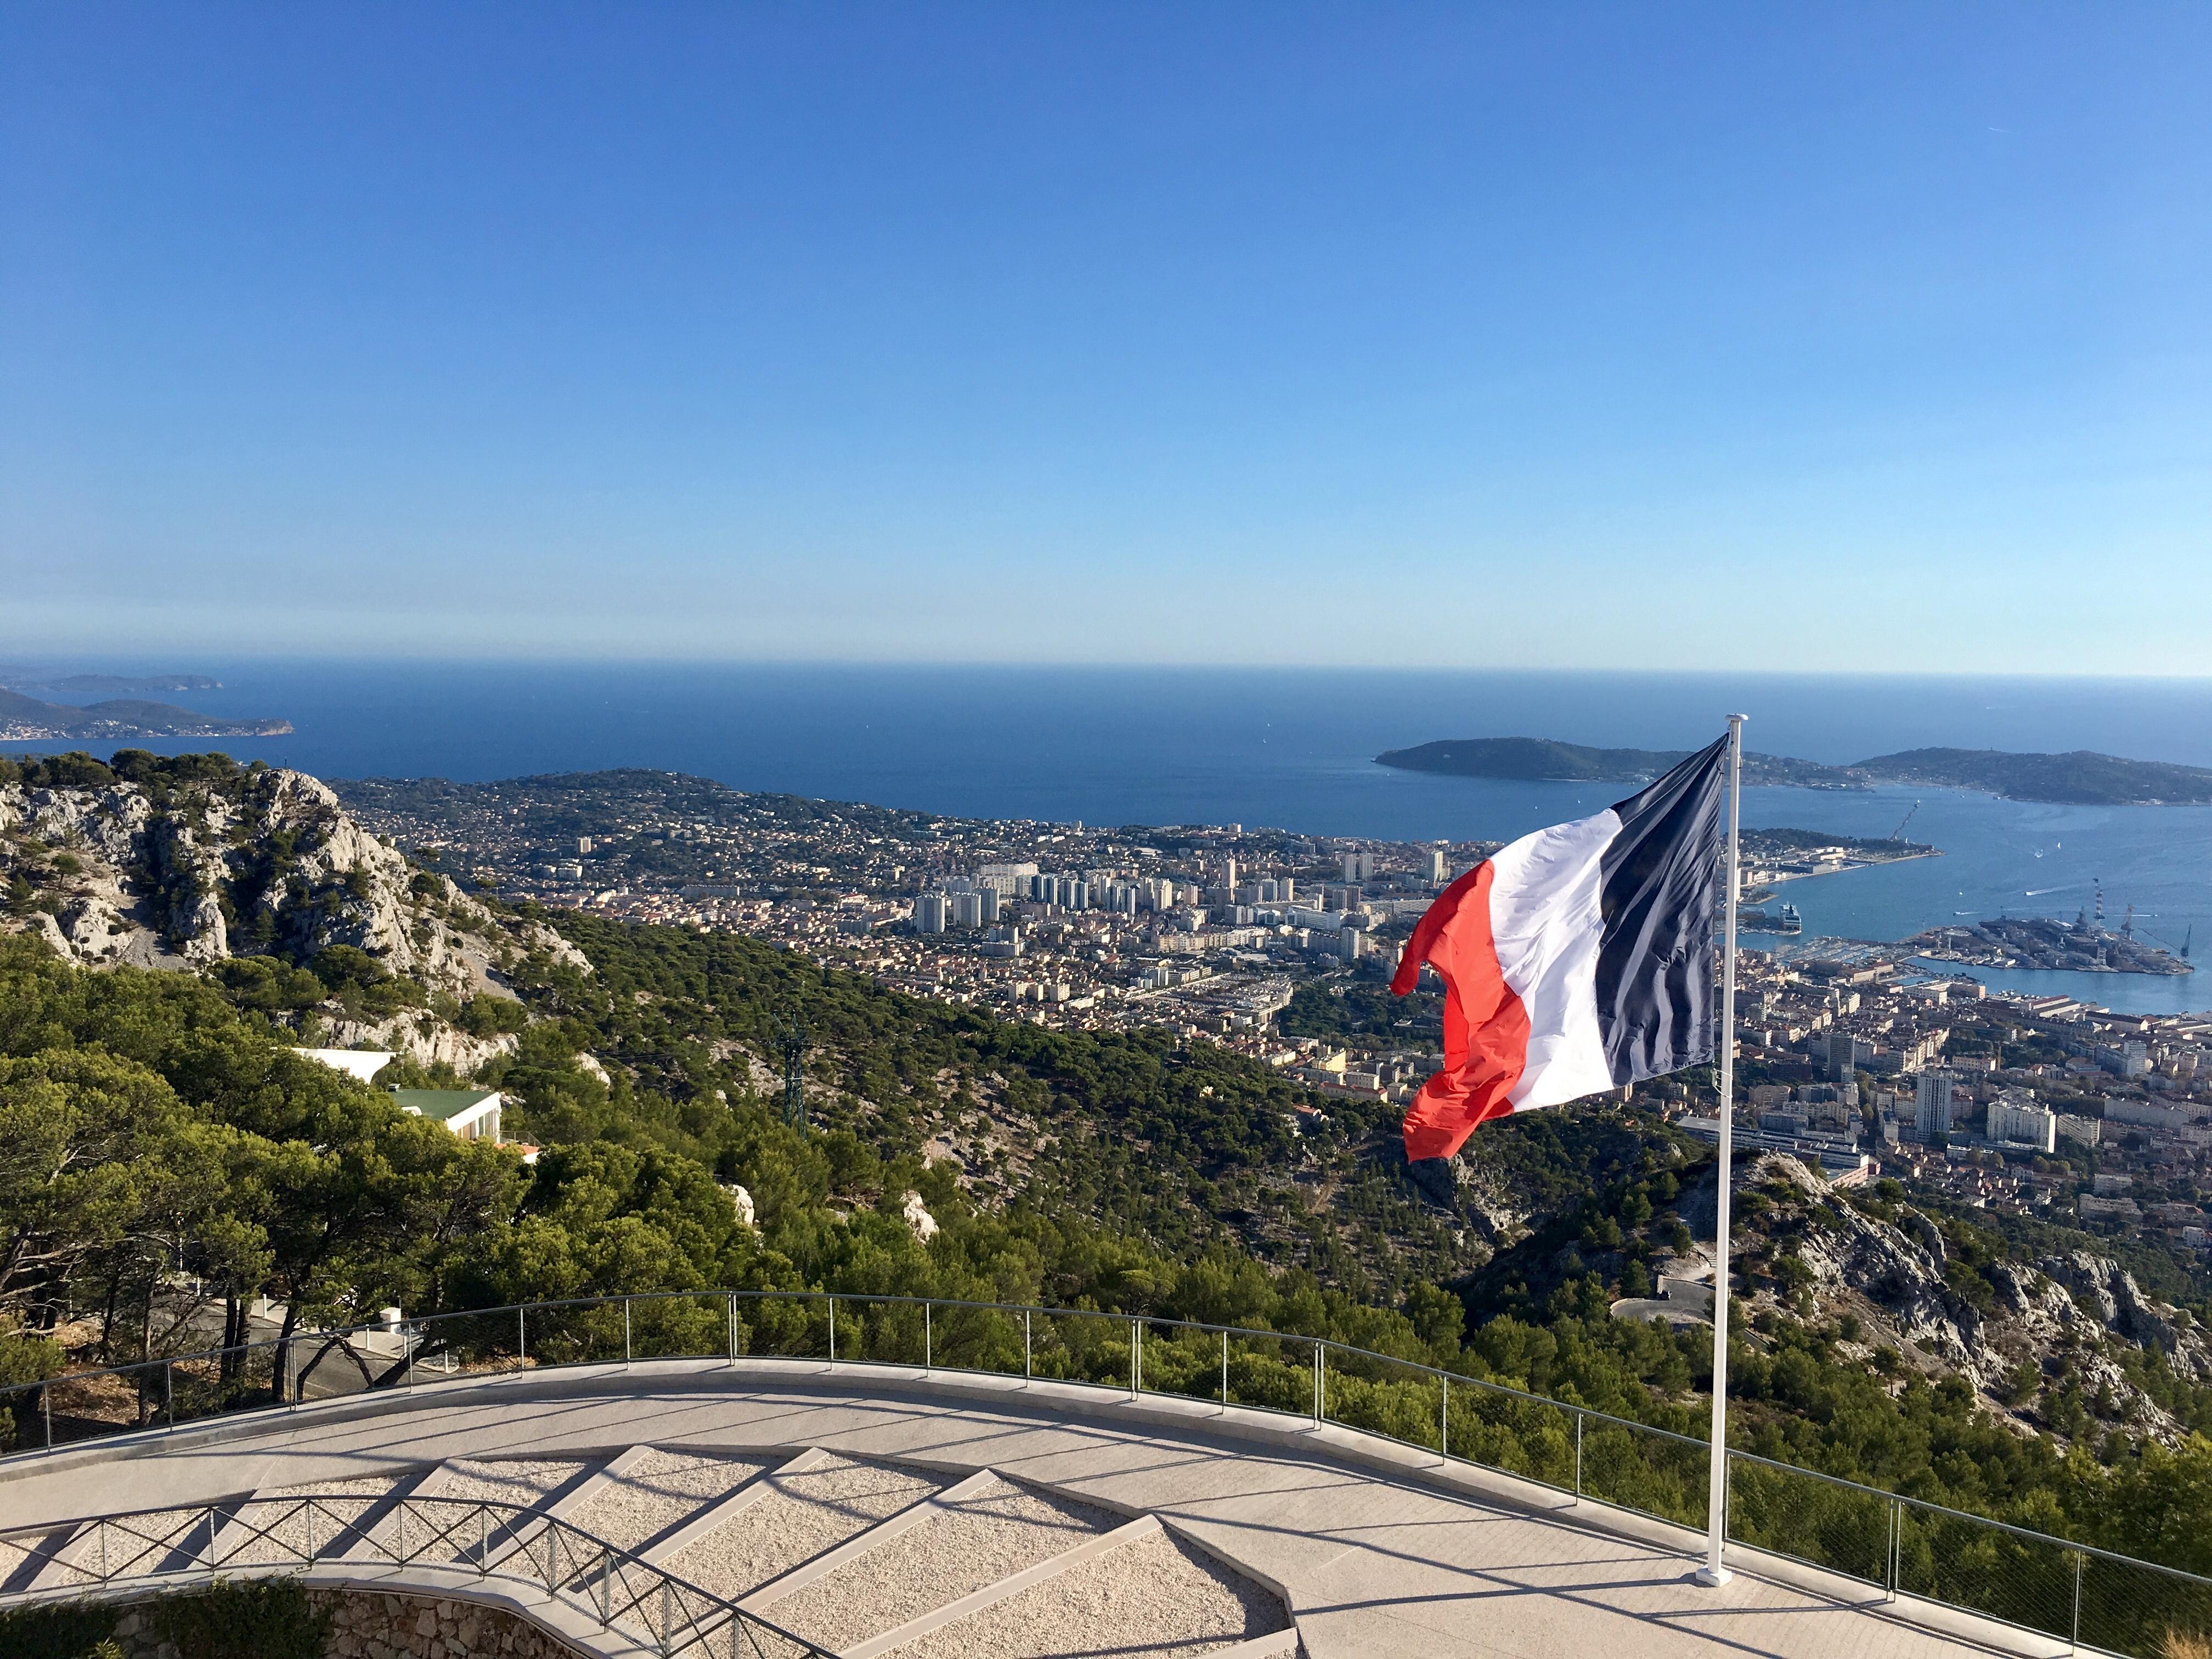 Vue de la Rade de Toulon depuis le Mémorial du débarquement en Provence © TourMaG